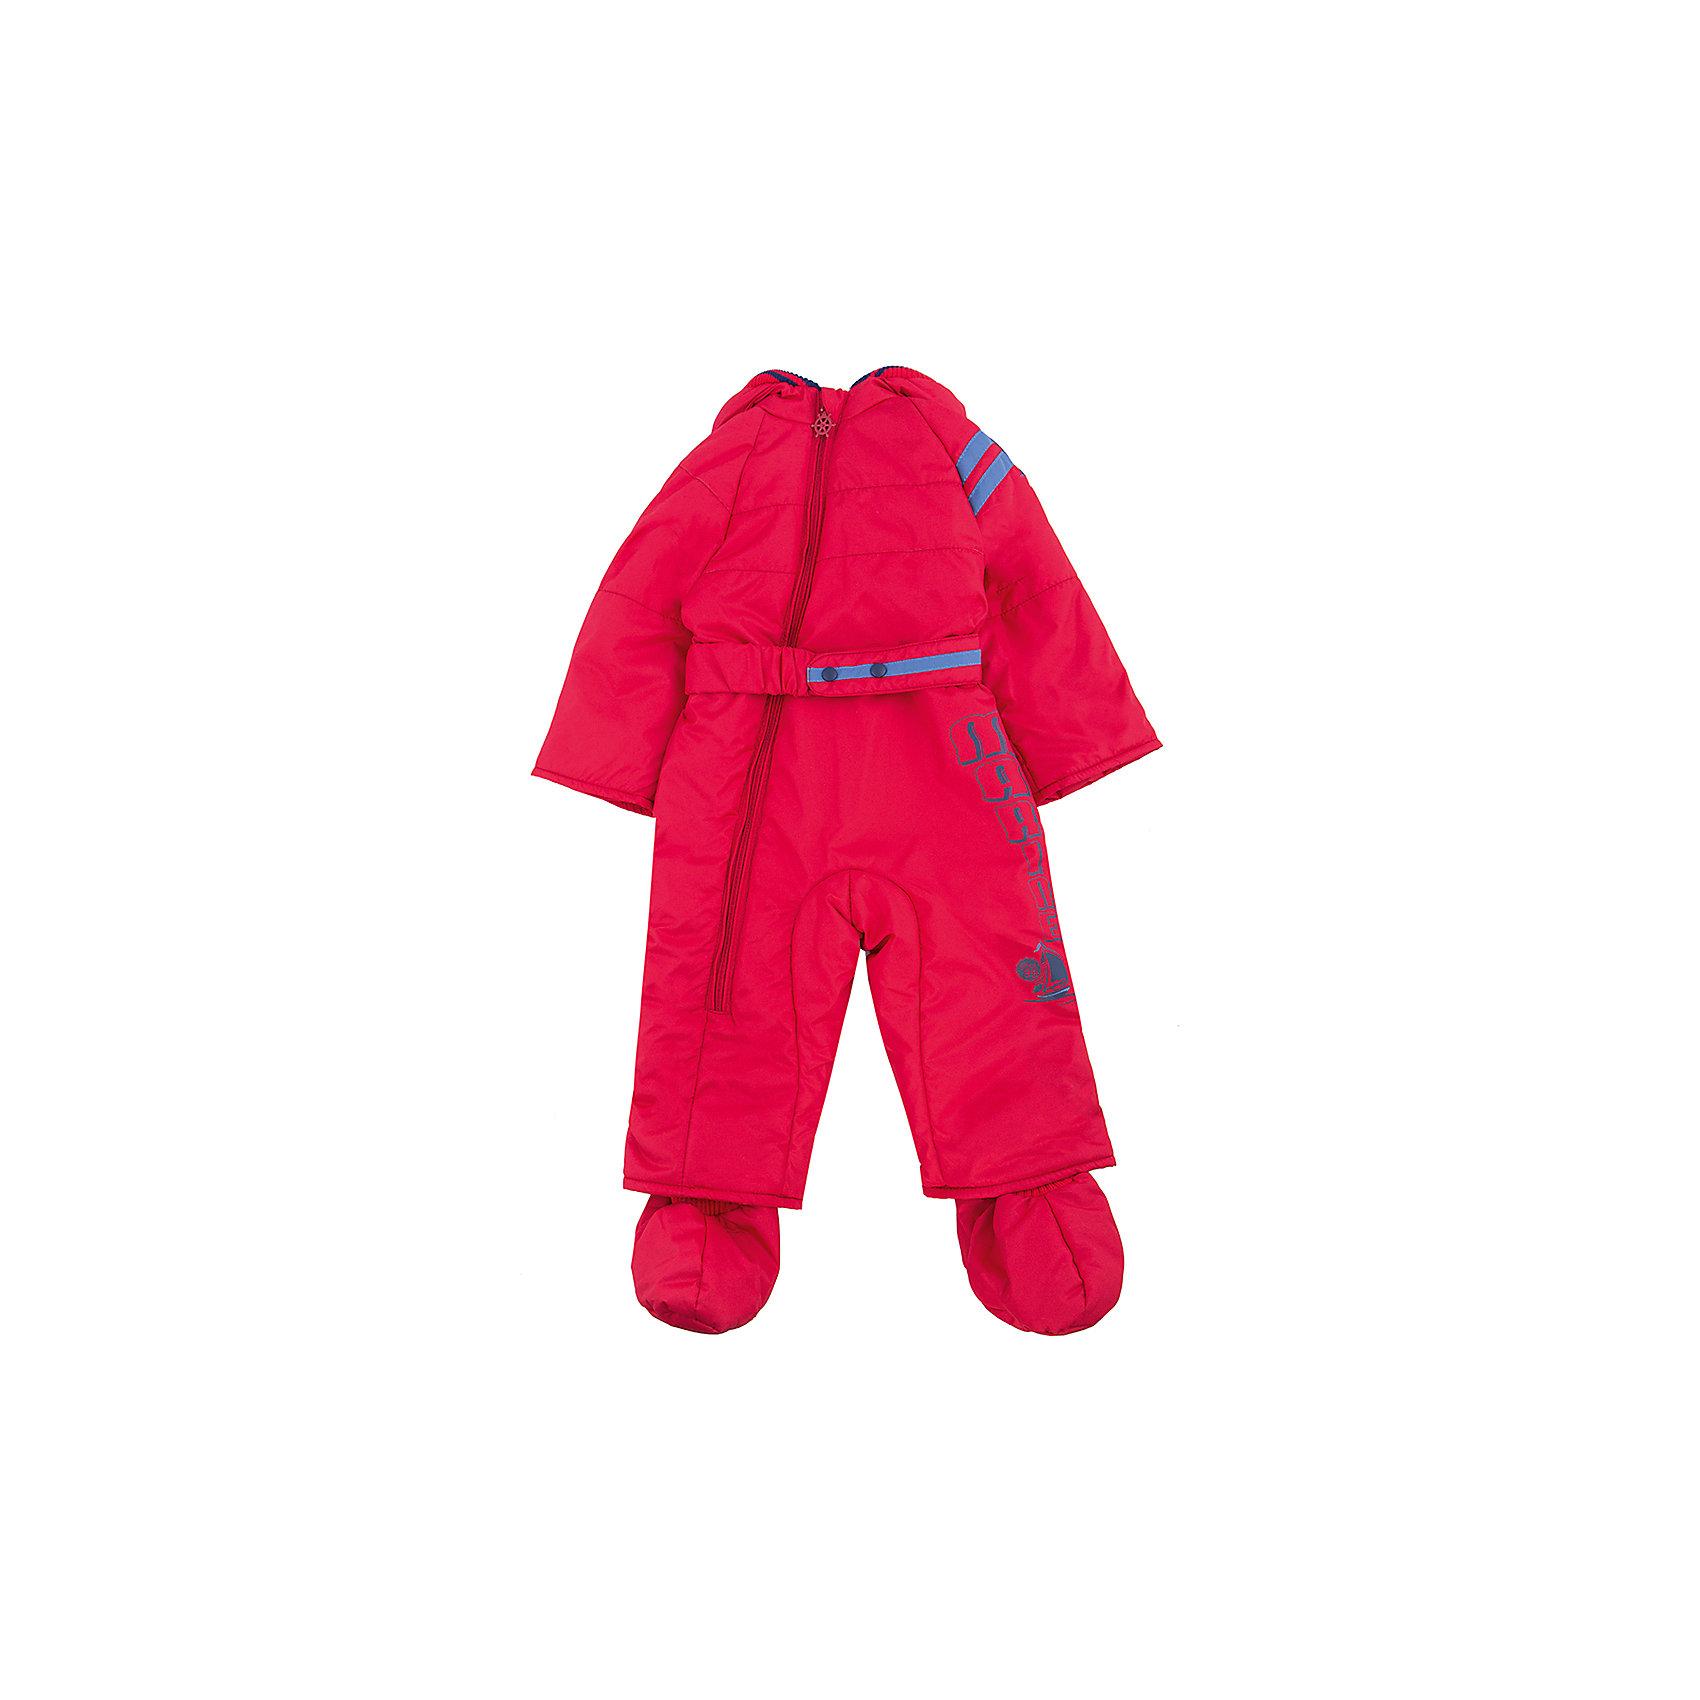 Комбинезон для мальчика АртельВерхняя одежда<br>Комбинезон от торговой марки Артель &#13;<br>&#13;<br>Для самых маленьких - только самое лучшее. Этот комбинезон имеет прочную внешнюю оболочку и мягкую подкладку. Красивая и удобная вещь.<br>Одежда от бренда Артель – это высокое качество по приемлемой цене и всегда продуманный дизайн. &#13;<br>&#13;<br>Особенности модели: &#13;<br>- цвет - красный;&#13;<br>- хлопковая подкладка;&#13;<br>- капюшон;<br>- утеплитель;&#13;<br>- украшен вышивкой;<br>- дизайн в морском стиле;<br>- застежка-молния, кнопки.&#13;<br>&#13;<br>Дополнительная информация:&#13;<br>&#13;<br>Состав: &#13;<br>- верх: Dewspo;<br>- подкладка: интерлок;<br>- утеплитель: TermoFinn 100 гр.<br>&#13;<br>Температурный режим: &#13;<br>от - 10 °C до + 10 °C&#13;<br>&#13;<br>Комбинезон Артель (Artel) можно купить в нашем магазине.<br><br>Ширина мм: 356<br>Глубина мм: 10<br>Высота мм: 245<br>Вес г: 519<br>Цвет: красный<br>Возраст от месяцев: 6<br>Возраст до месяцев: 9<br>Пол: Мужской<br>Возраст: Детский<br>Размер: 74,68,80<br>SKU: 4495987